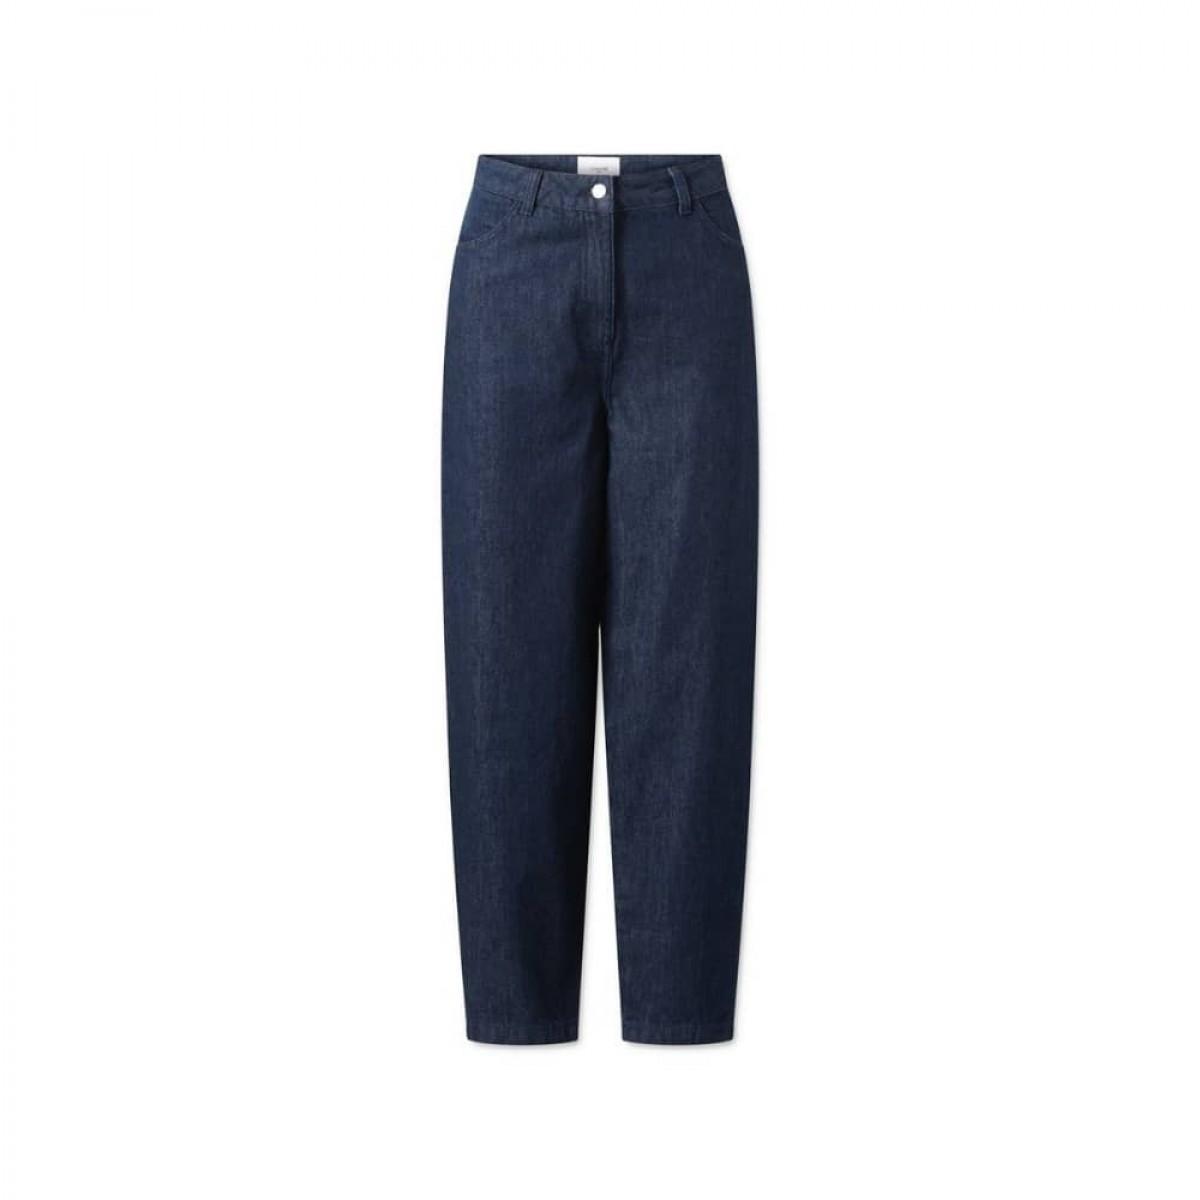 aston pants - denim blue - front